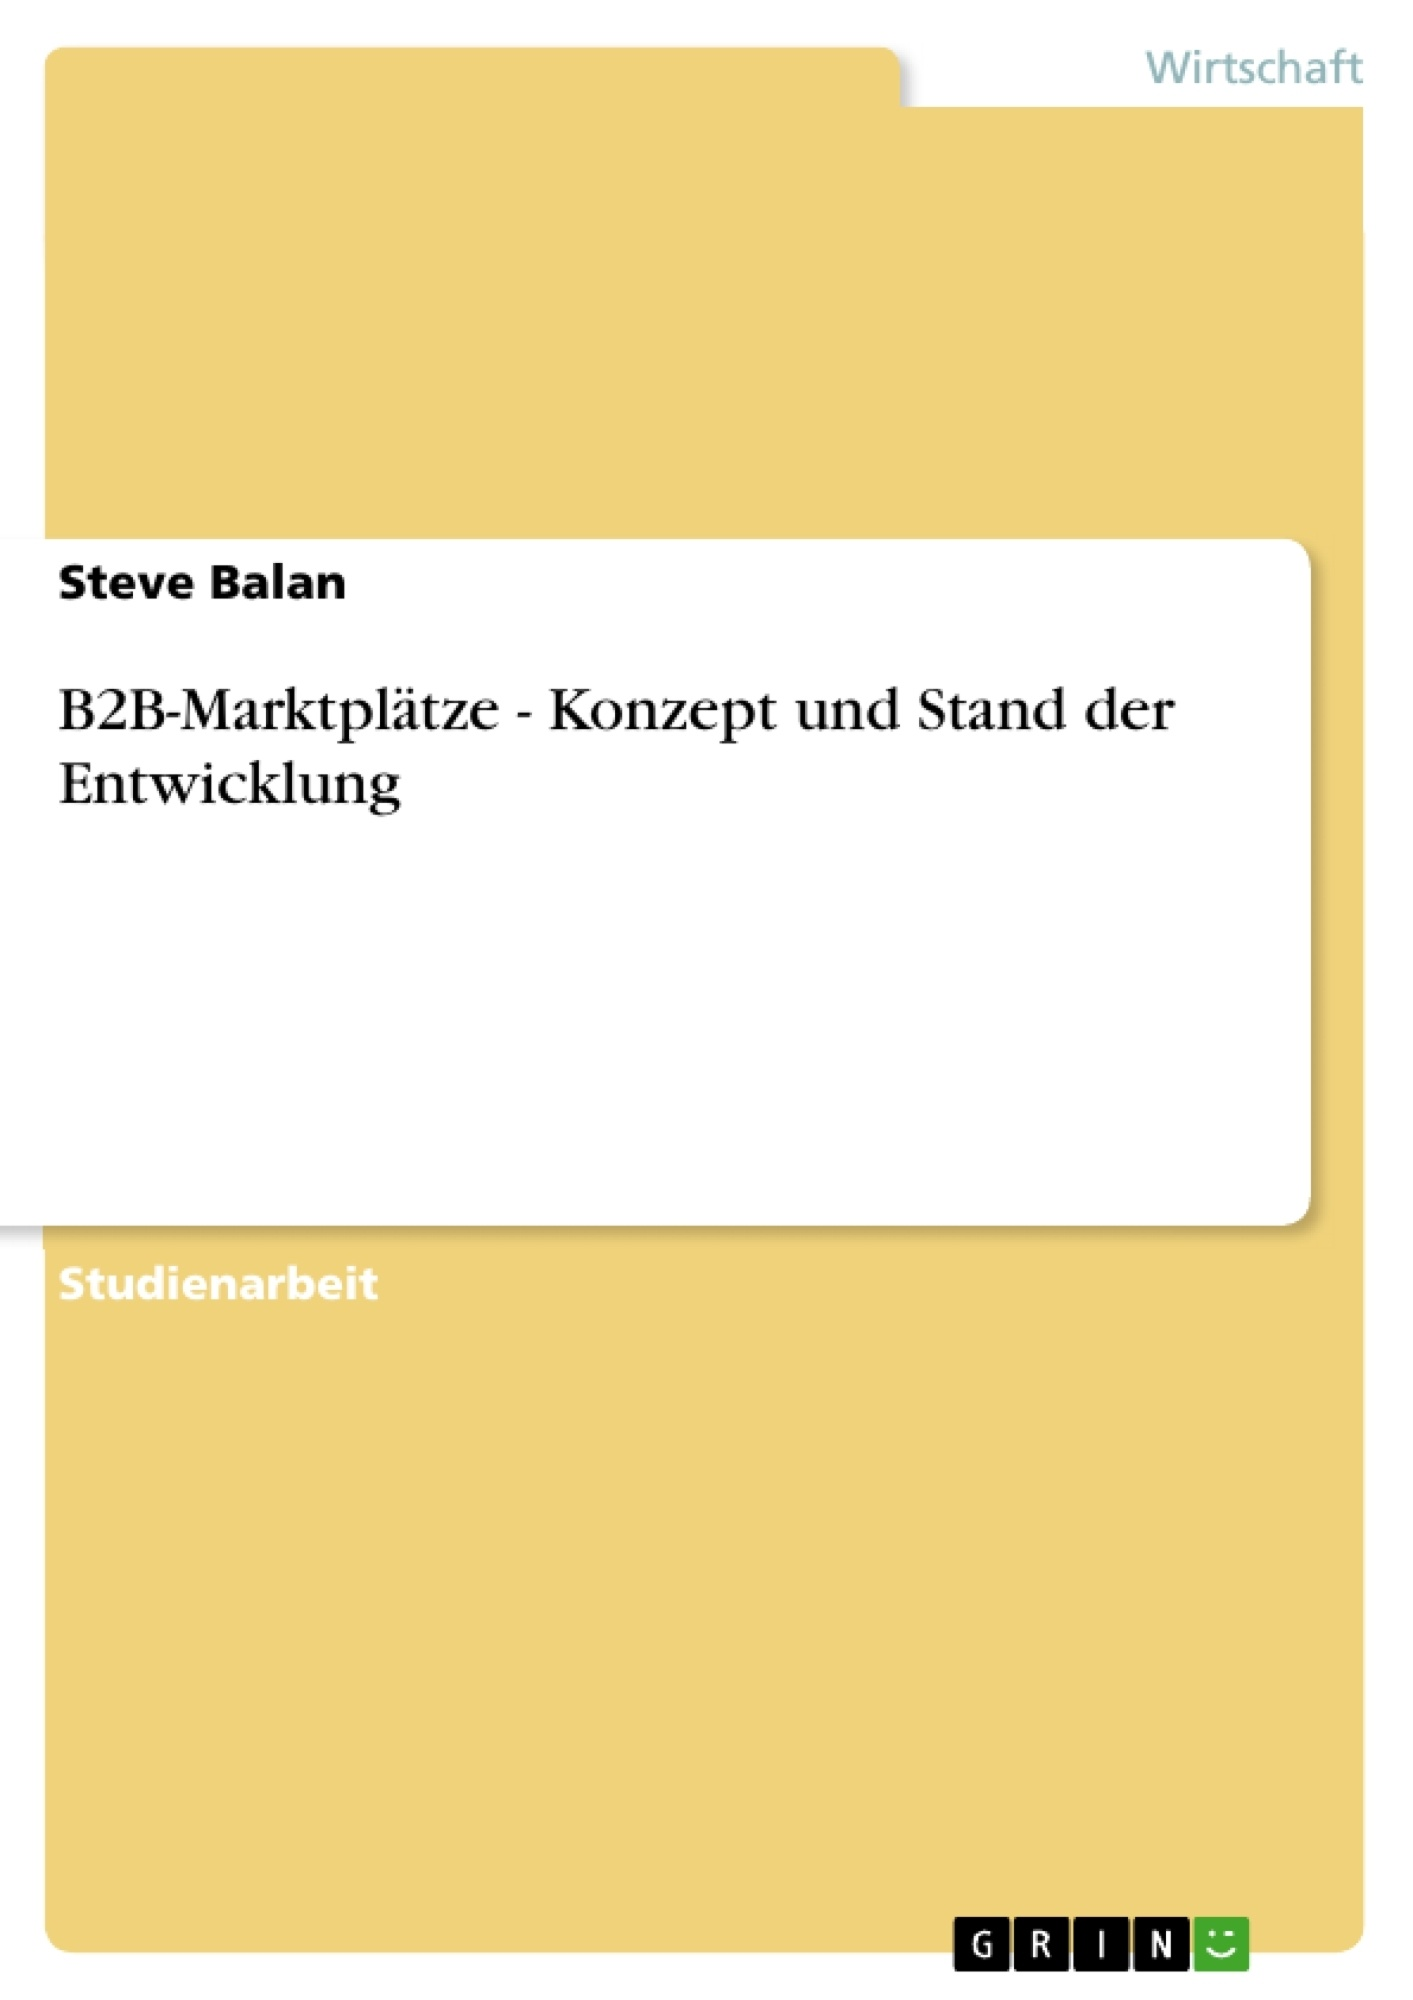 Titel: B2B-Marktplätze - Konzept und Stand der Entwicklung